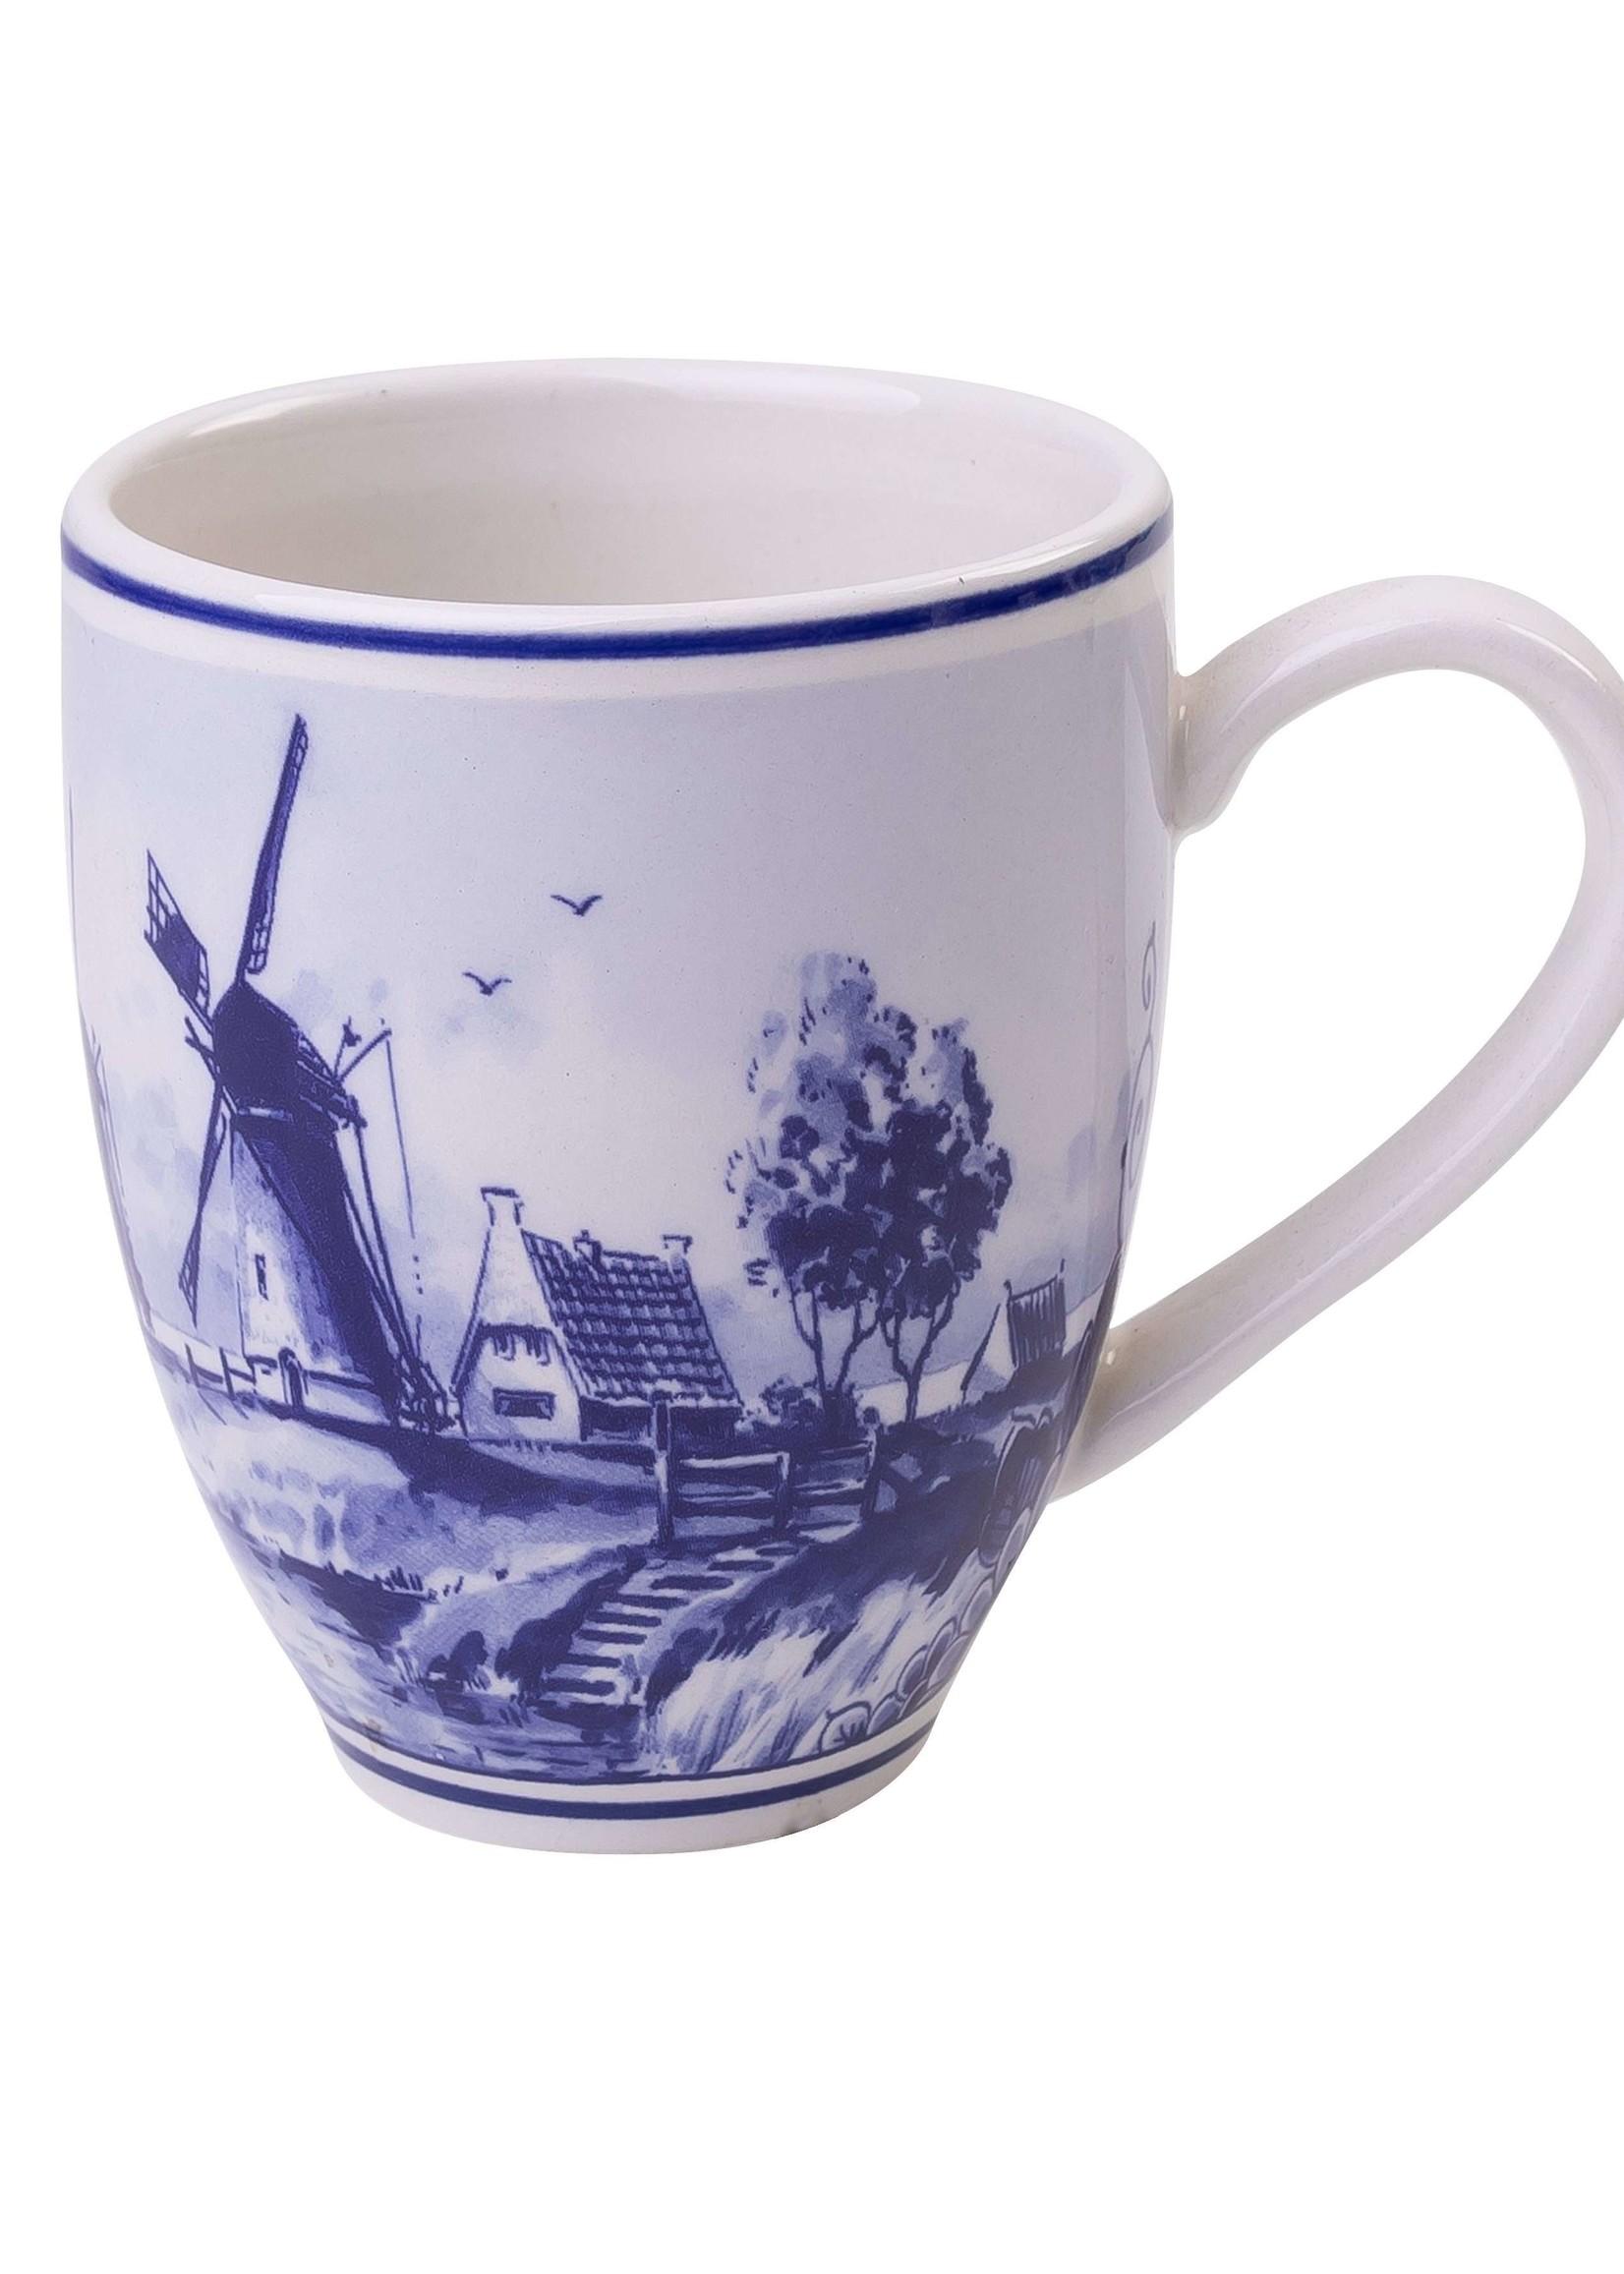 Delfts Blauwe Senseo Mok met een Windmolen